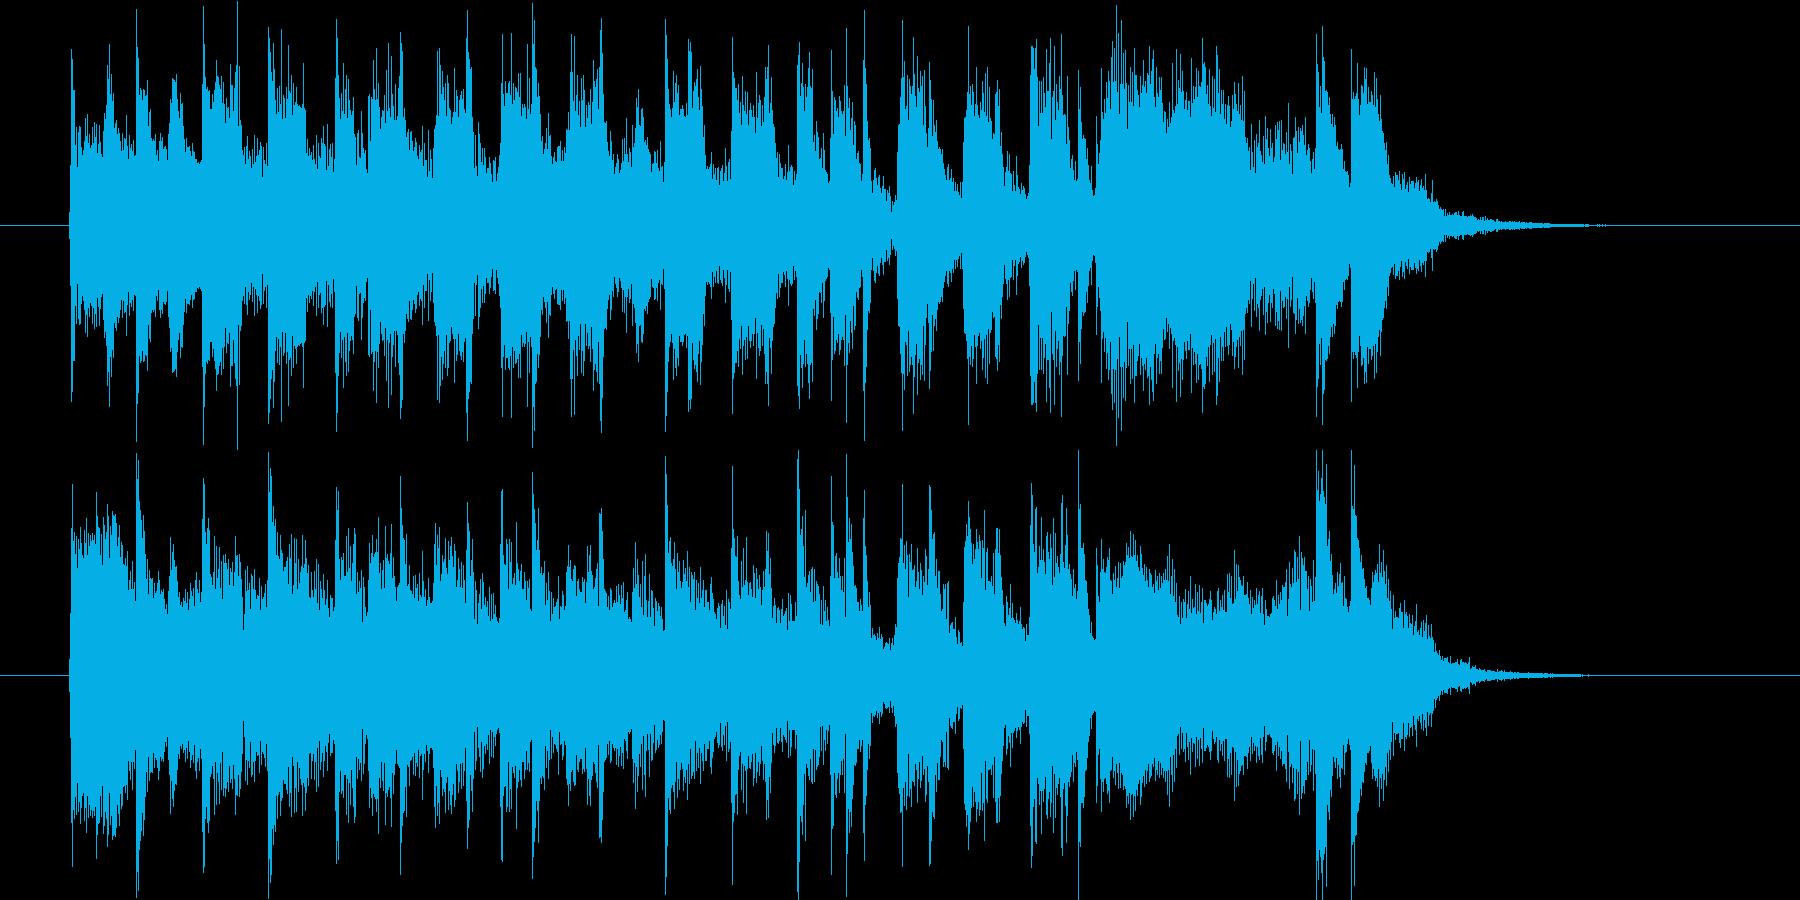 アメリカンスクールなポップロックの再生済みの波形